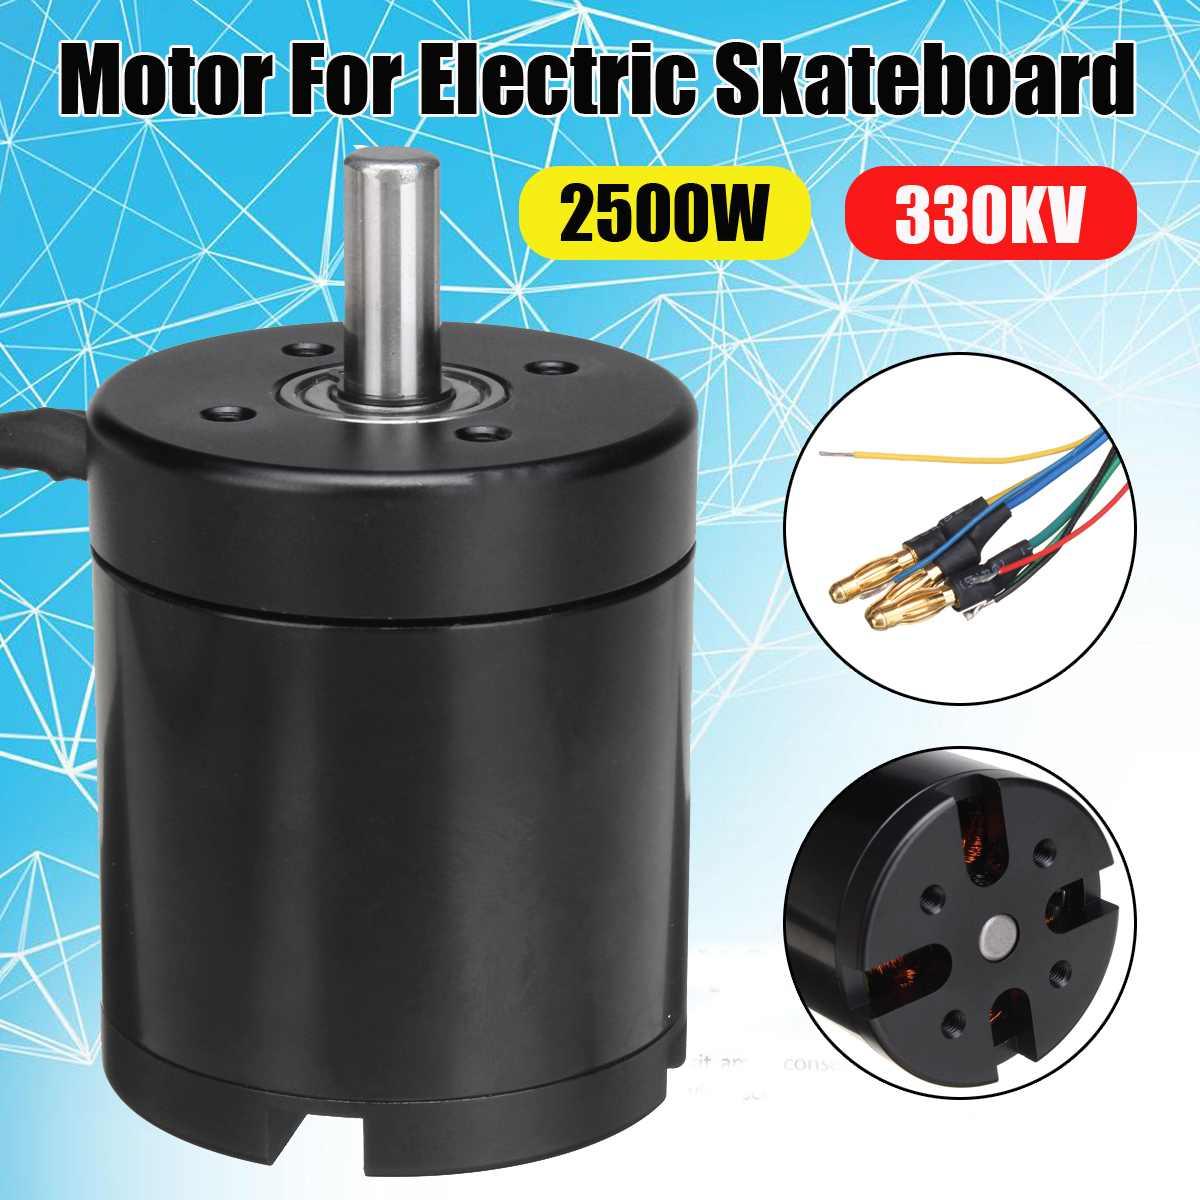 N5065 330KV 2500W Brushless Sensorless Motor For Electric Scooter Skate Board DIY Kit Replacements DIY Repair